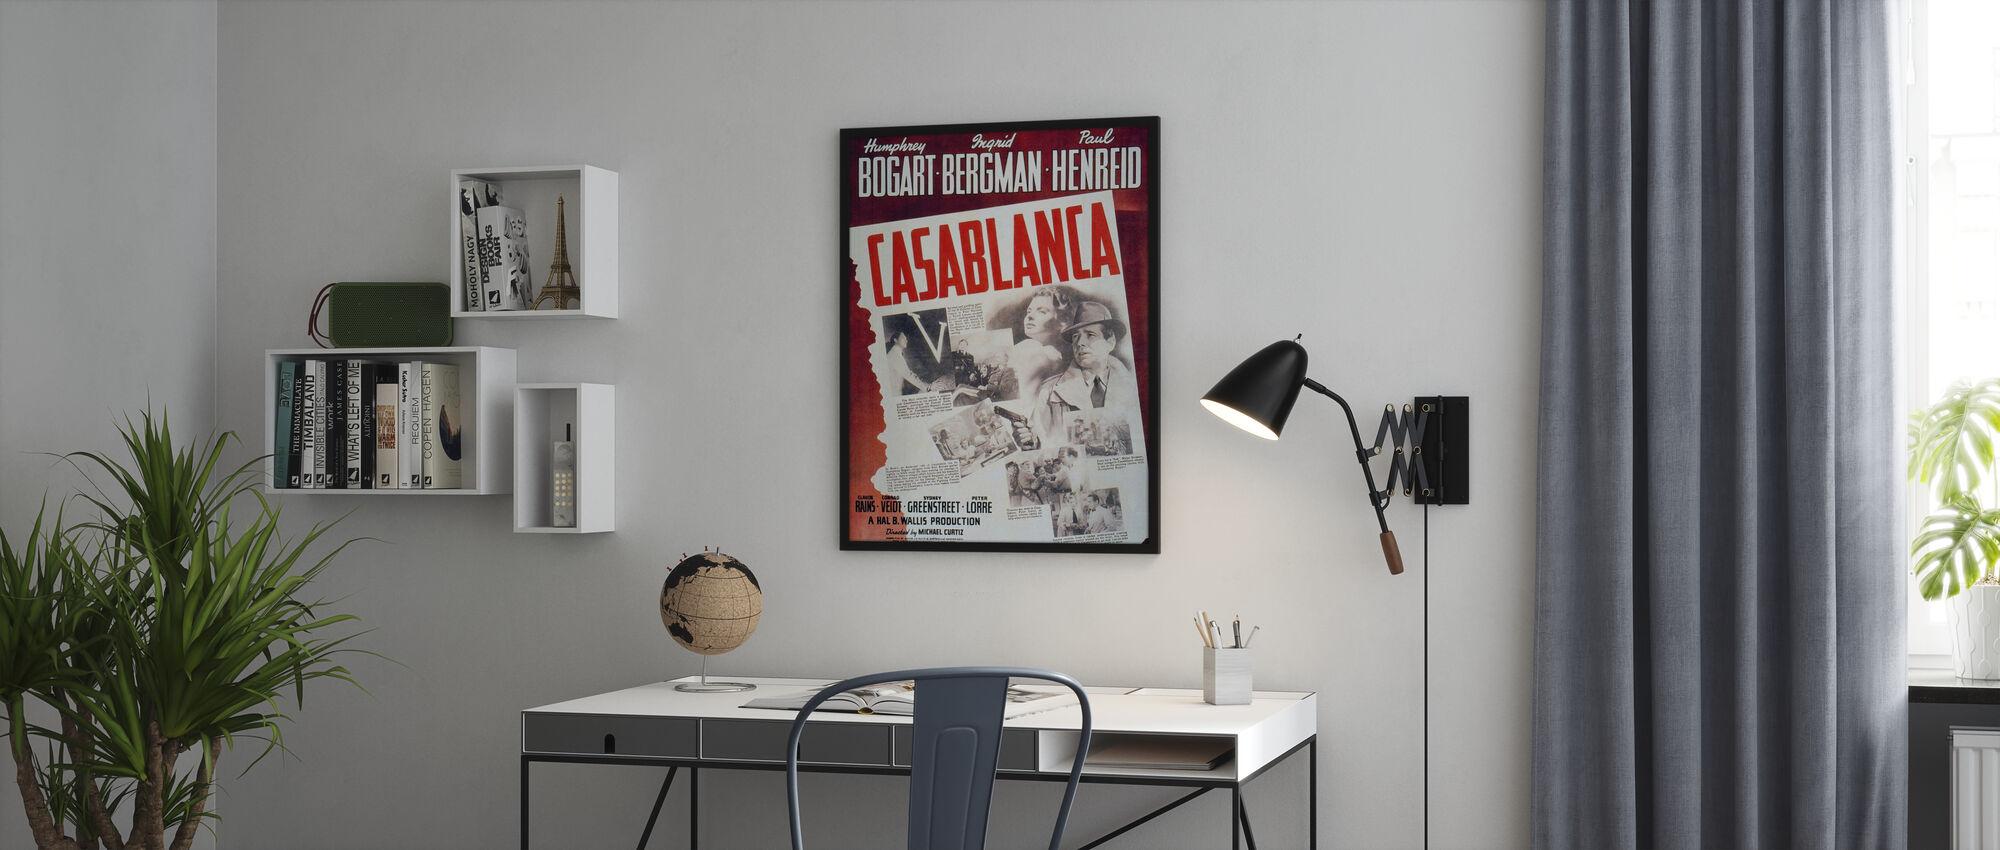 Casablanca - Poster - Office